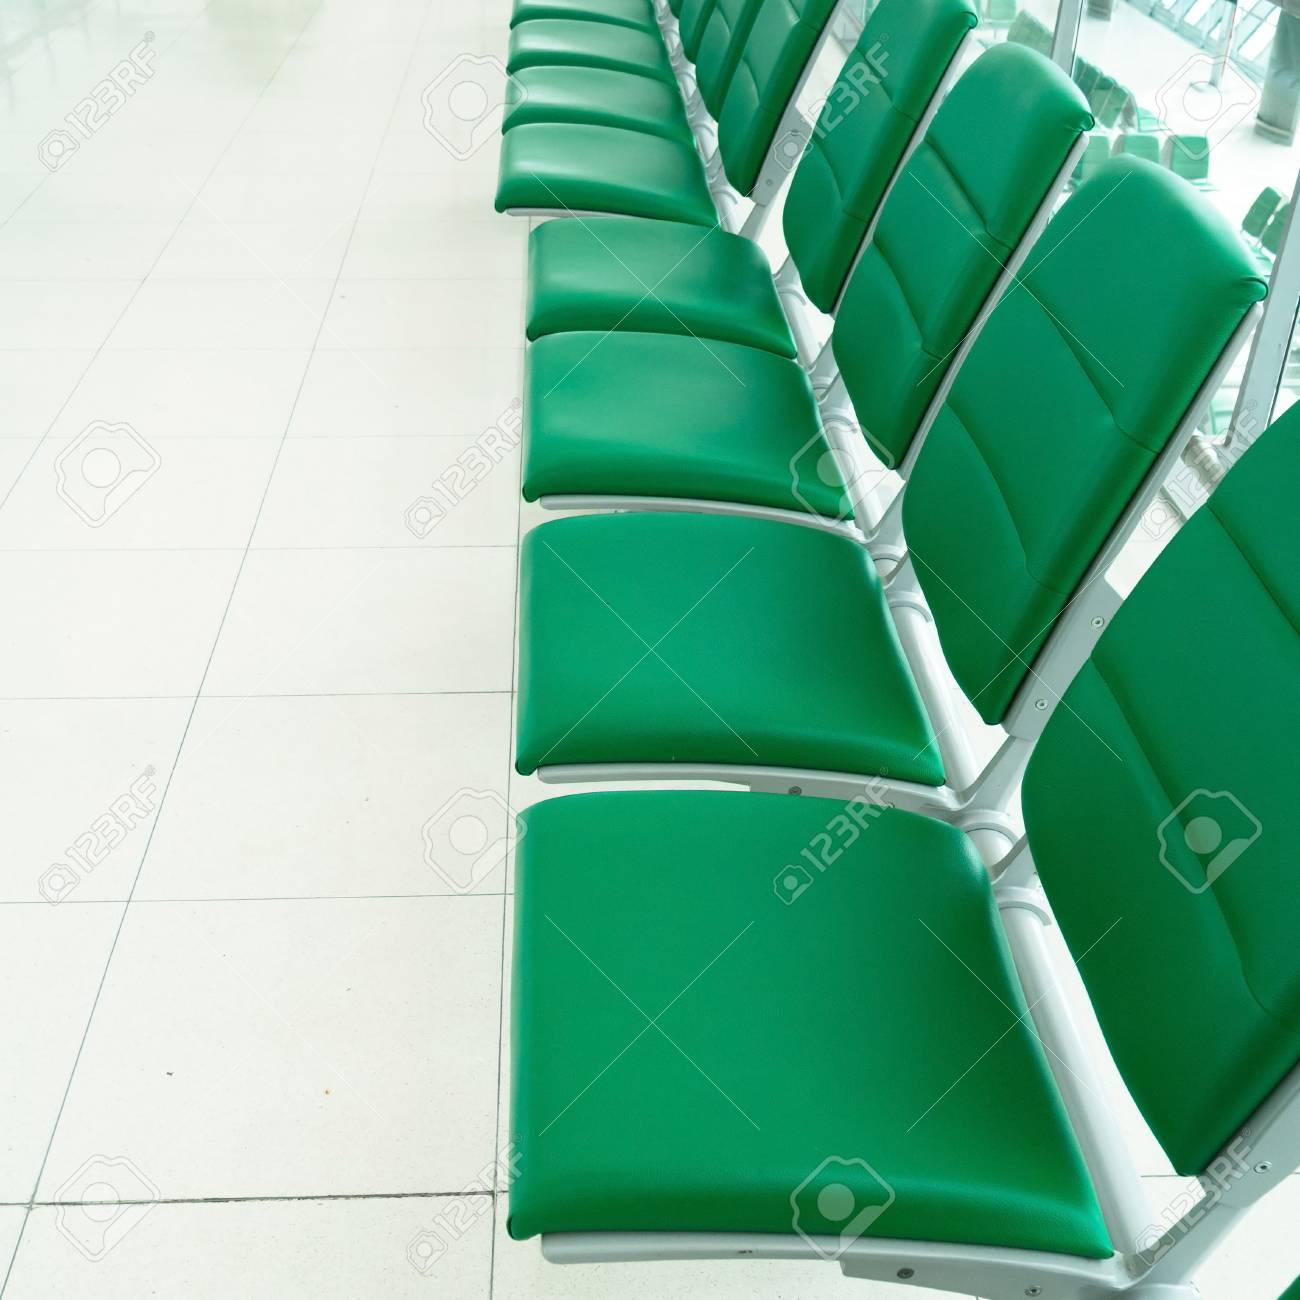 banque dimages range de chaise verte - Chaise Verte